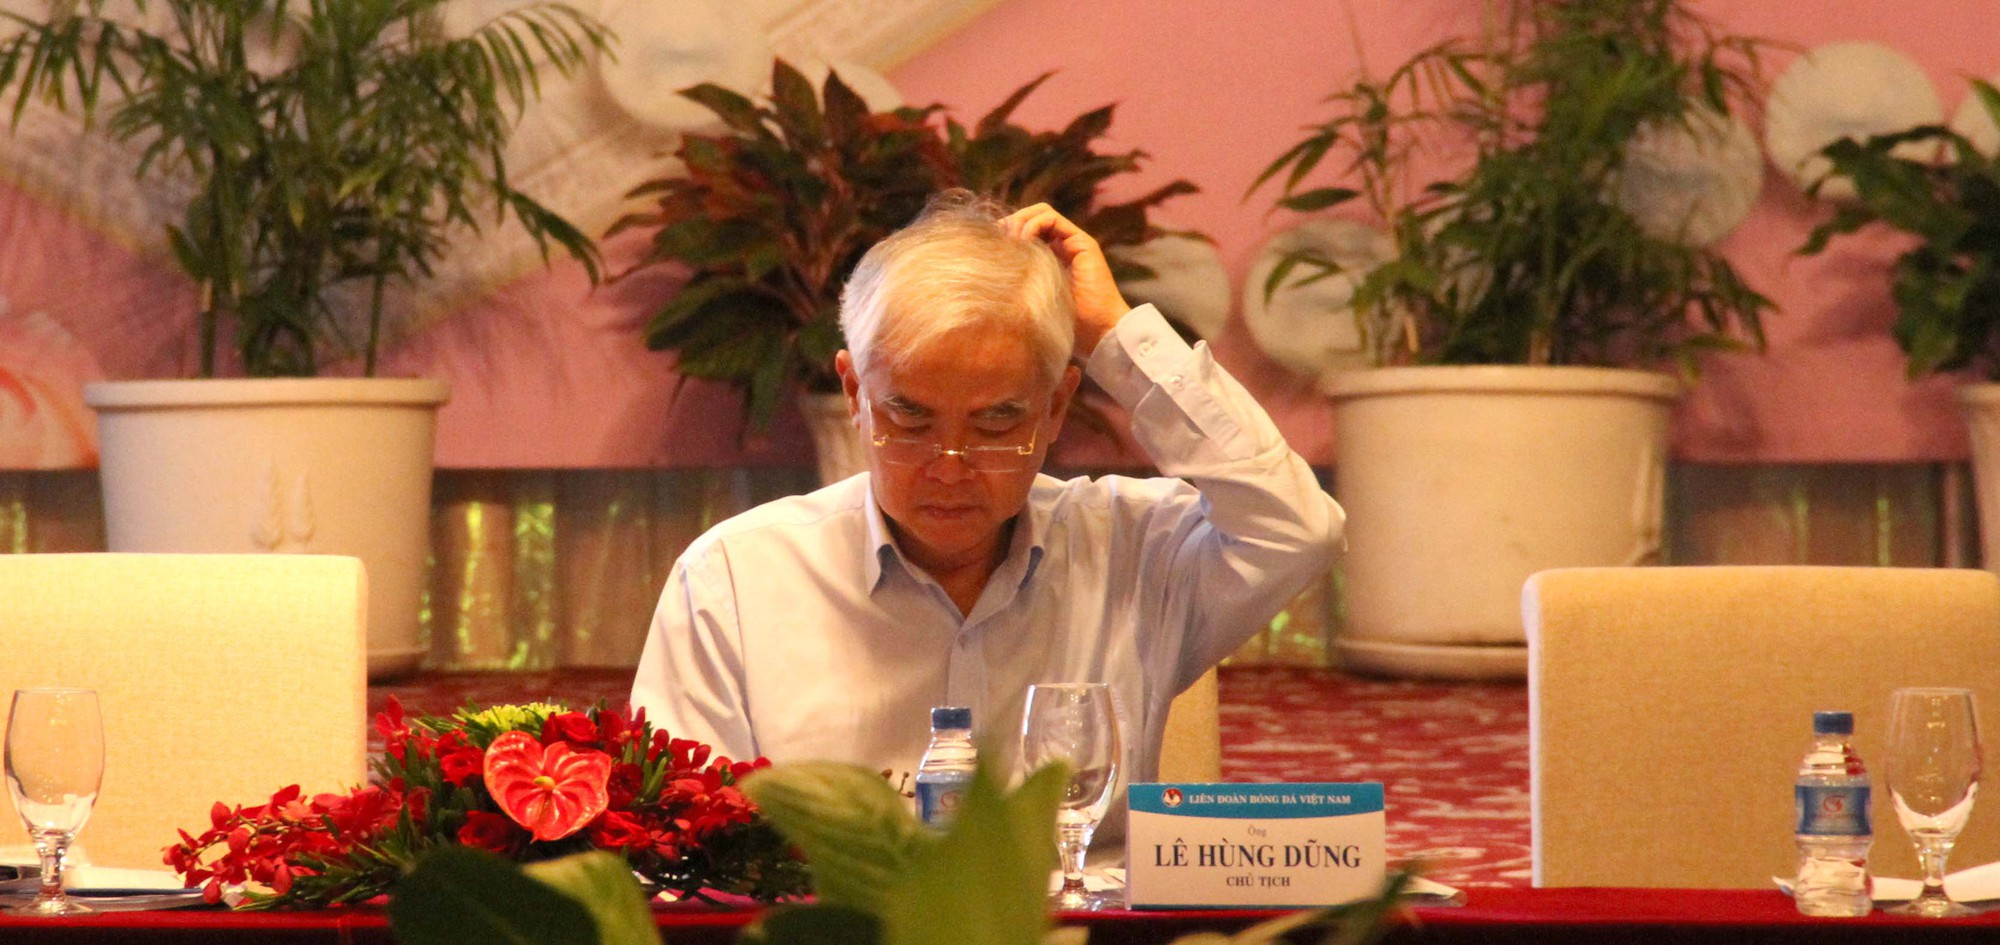 Dấu ấn 'khó phai' nhất năm 2015 của Chủ tịch VFF Lê Hùng Dũng hóa ra lại là những lùm xùm về tố cáo nhận hối lộ